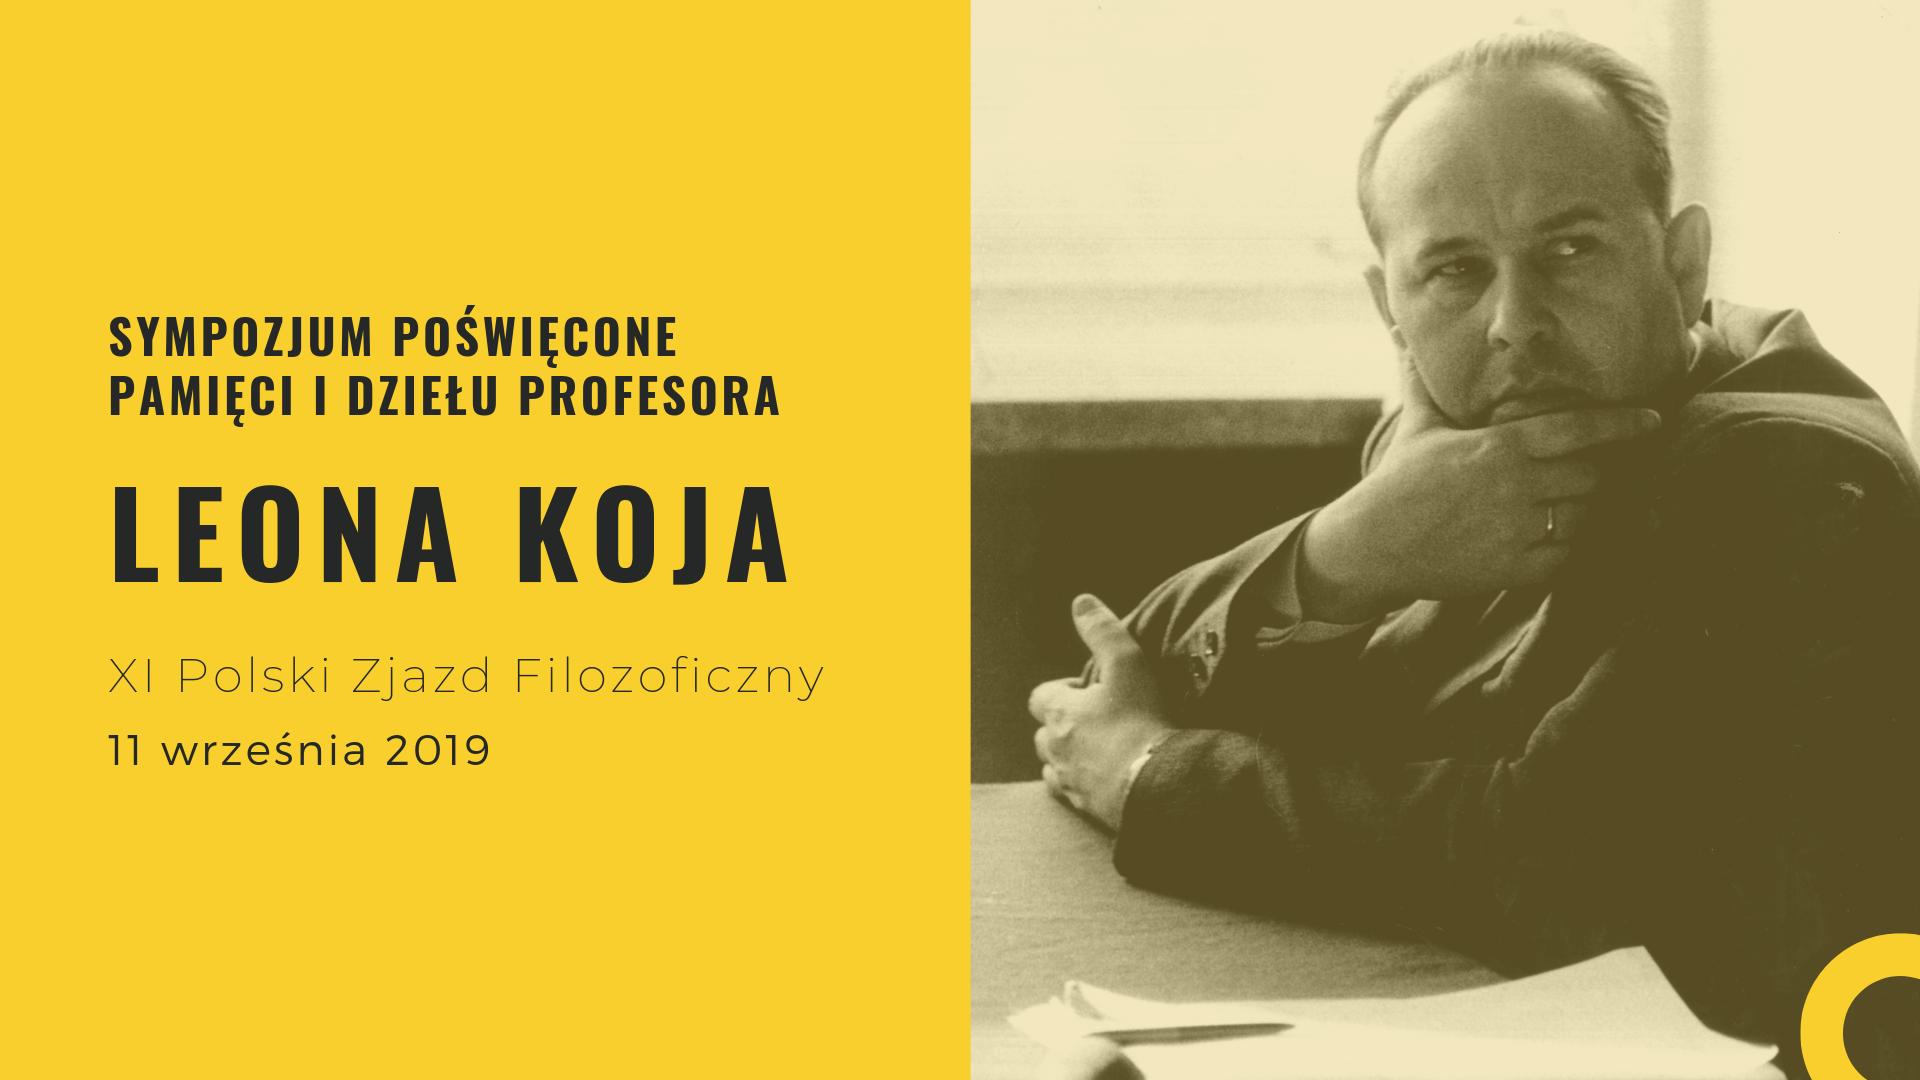 Sympozjum poświęcone pamięci idziełu Profesora Leona Koja